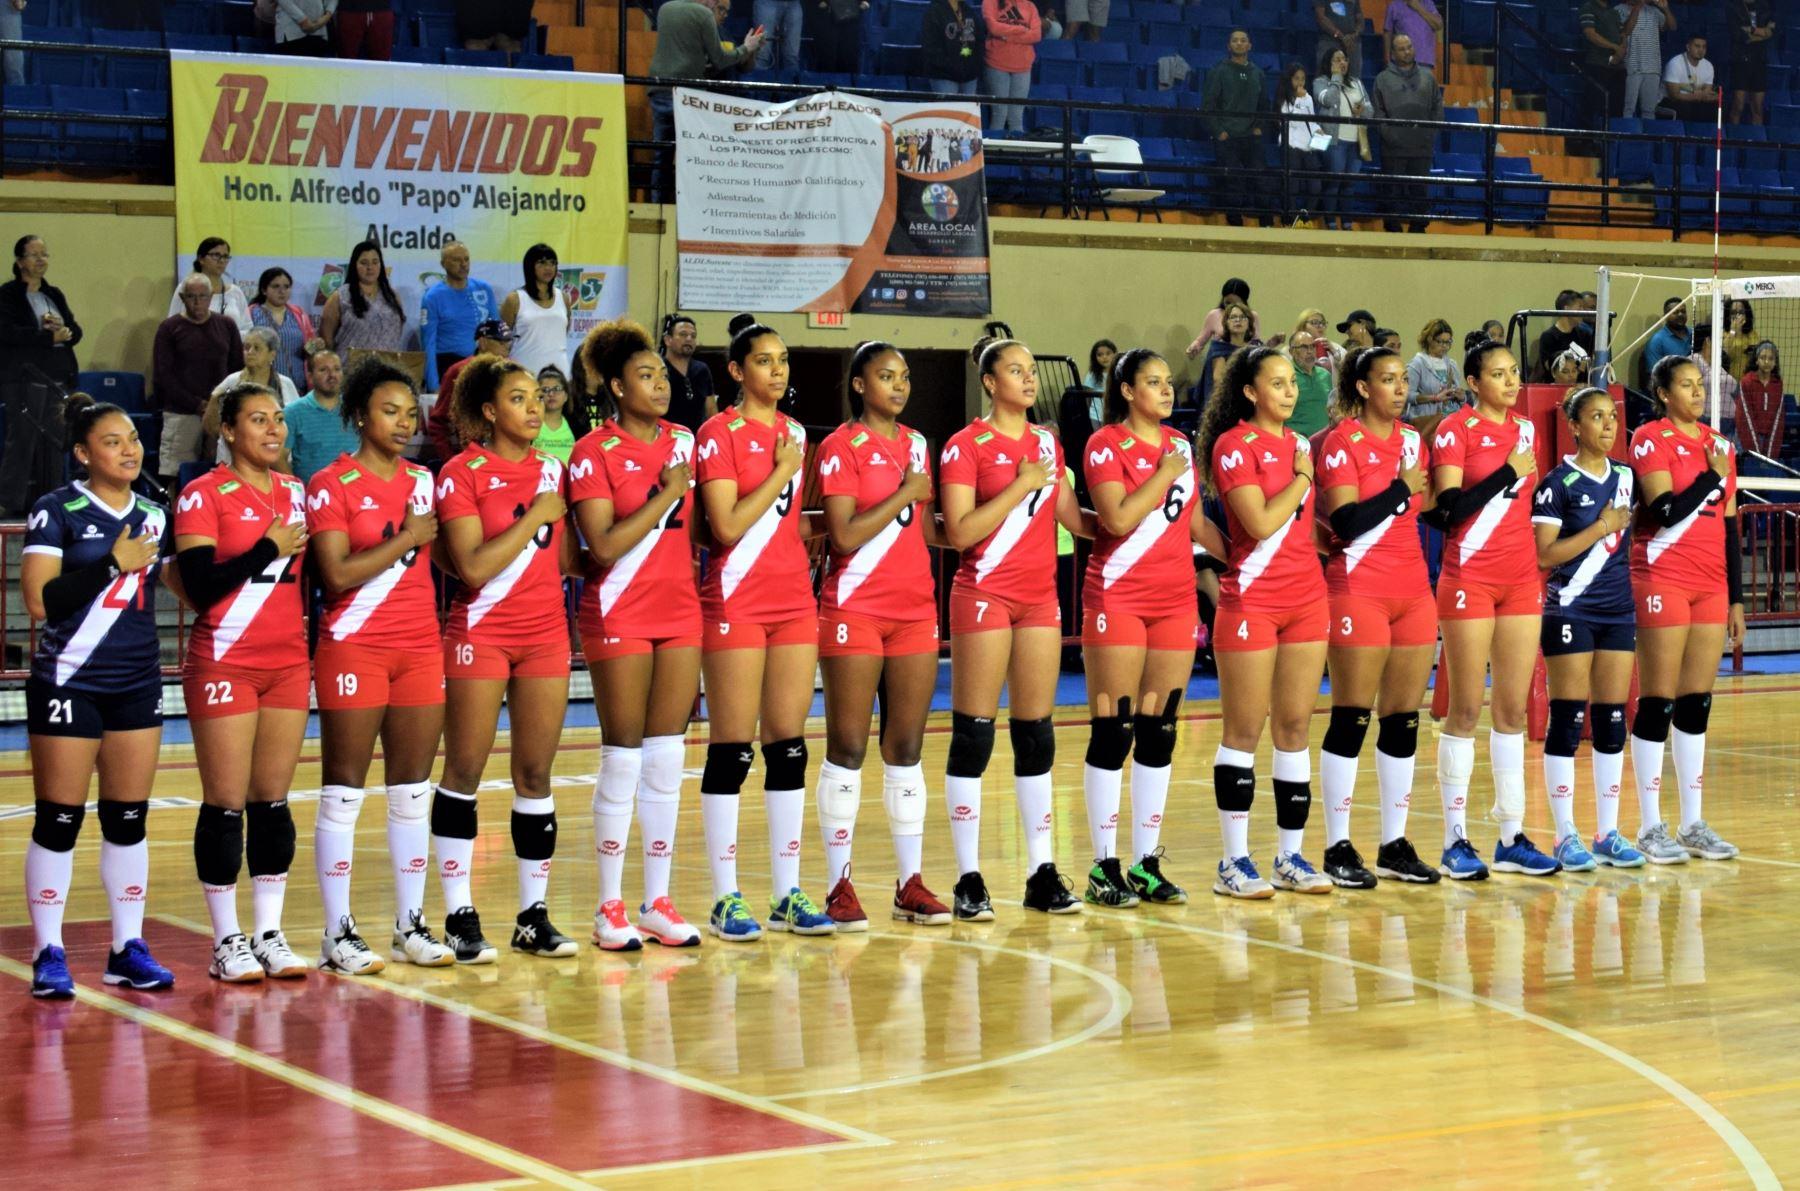 La selección peruana de voleibol convocó a 22 exponentes para afrontar el Sudamericano de Colombia